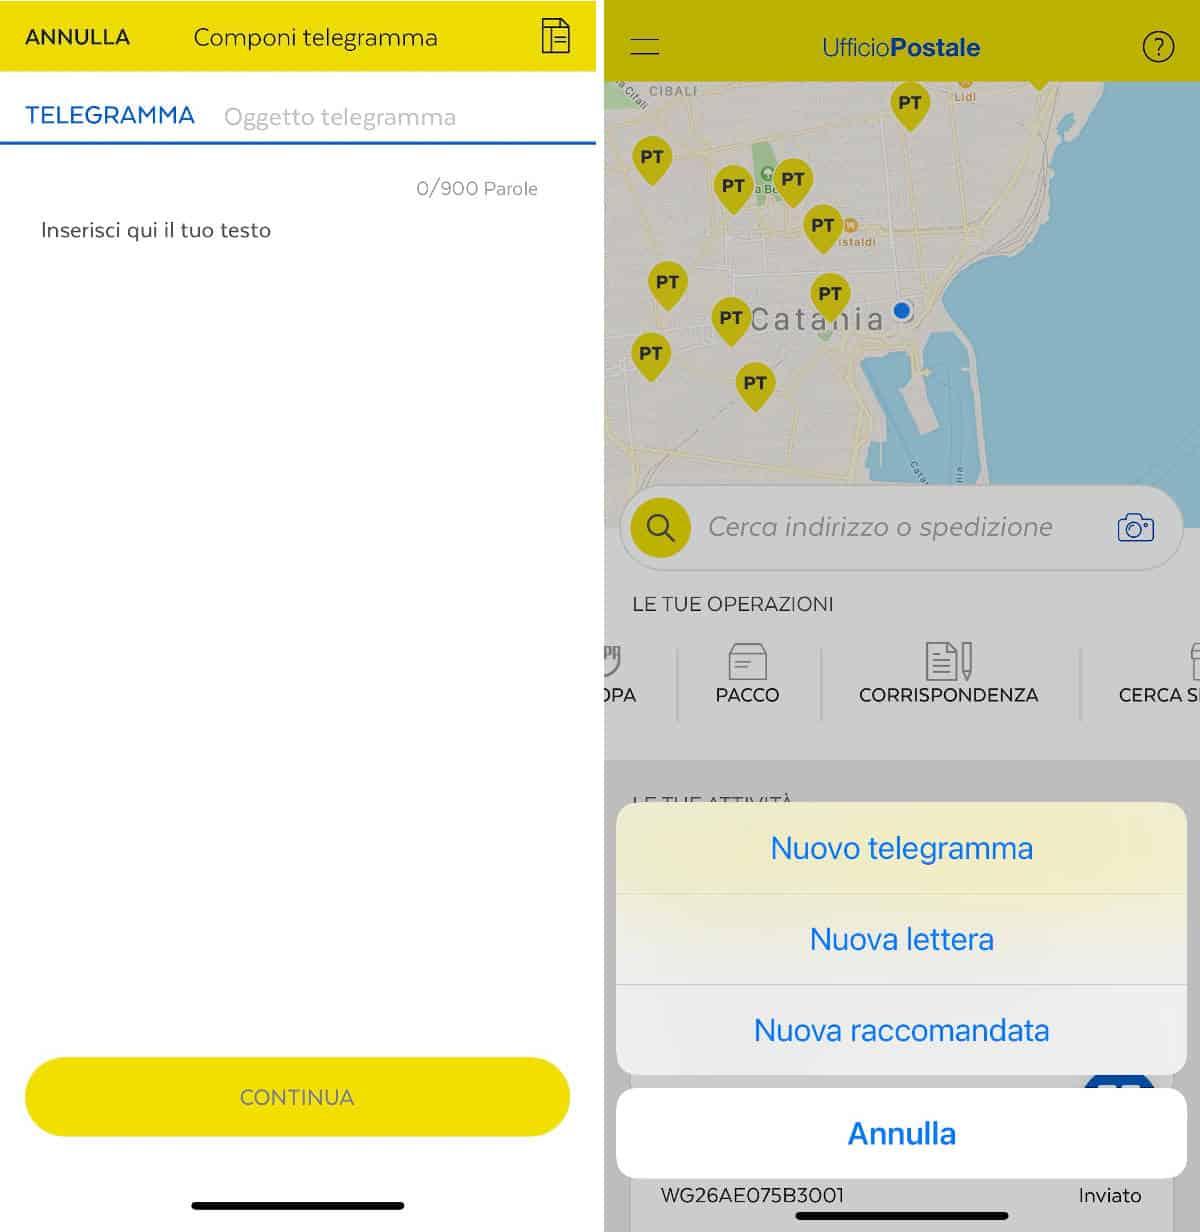 invio telegramma con app Ufficio Postale